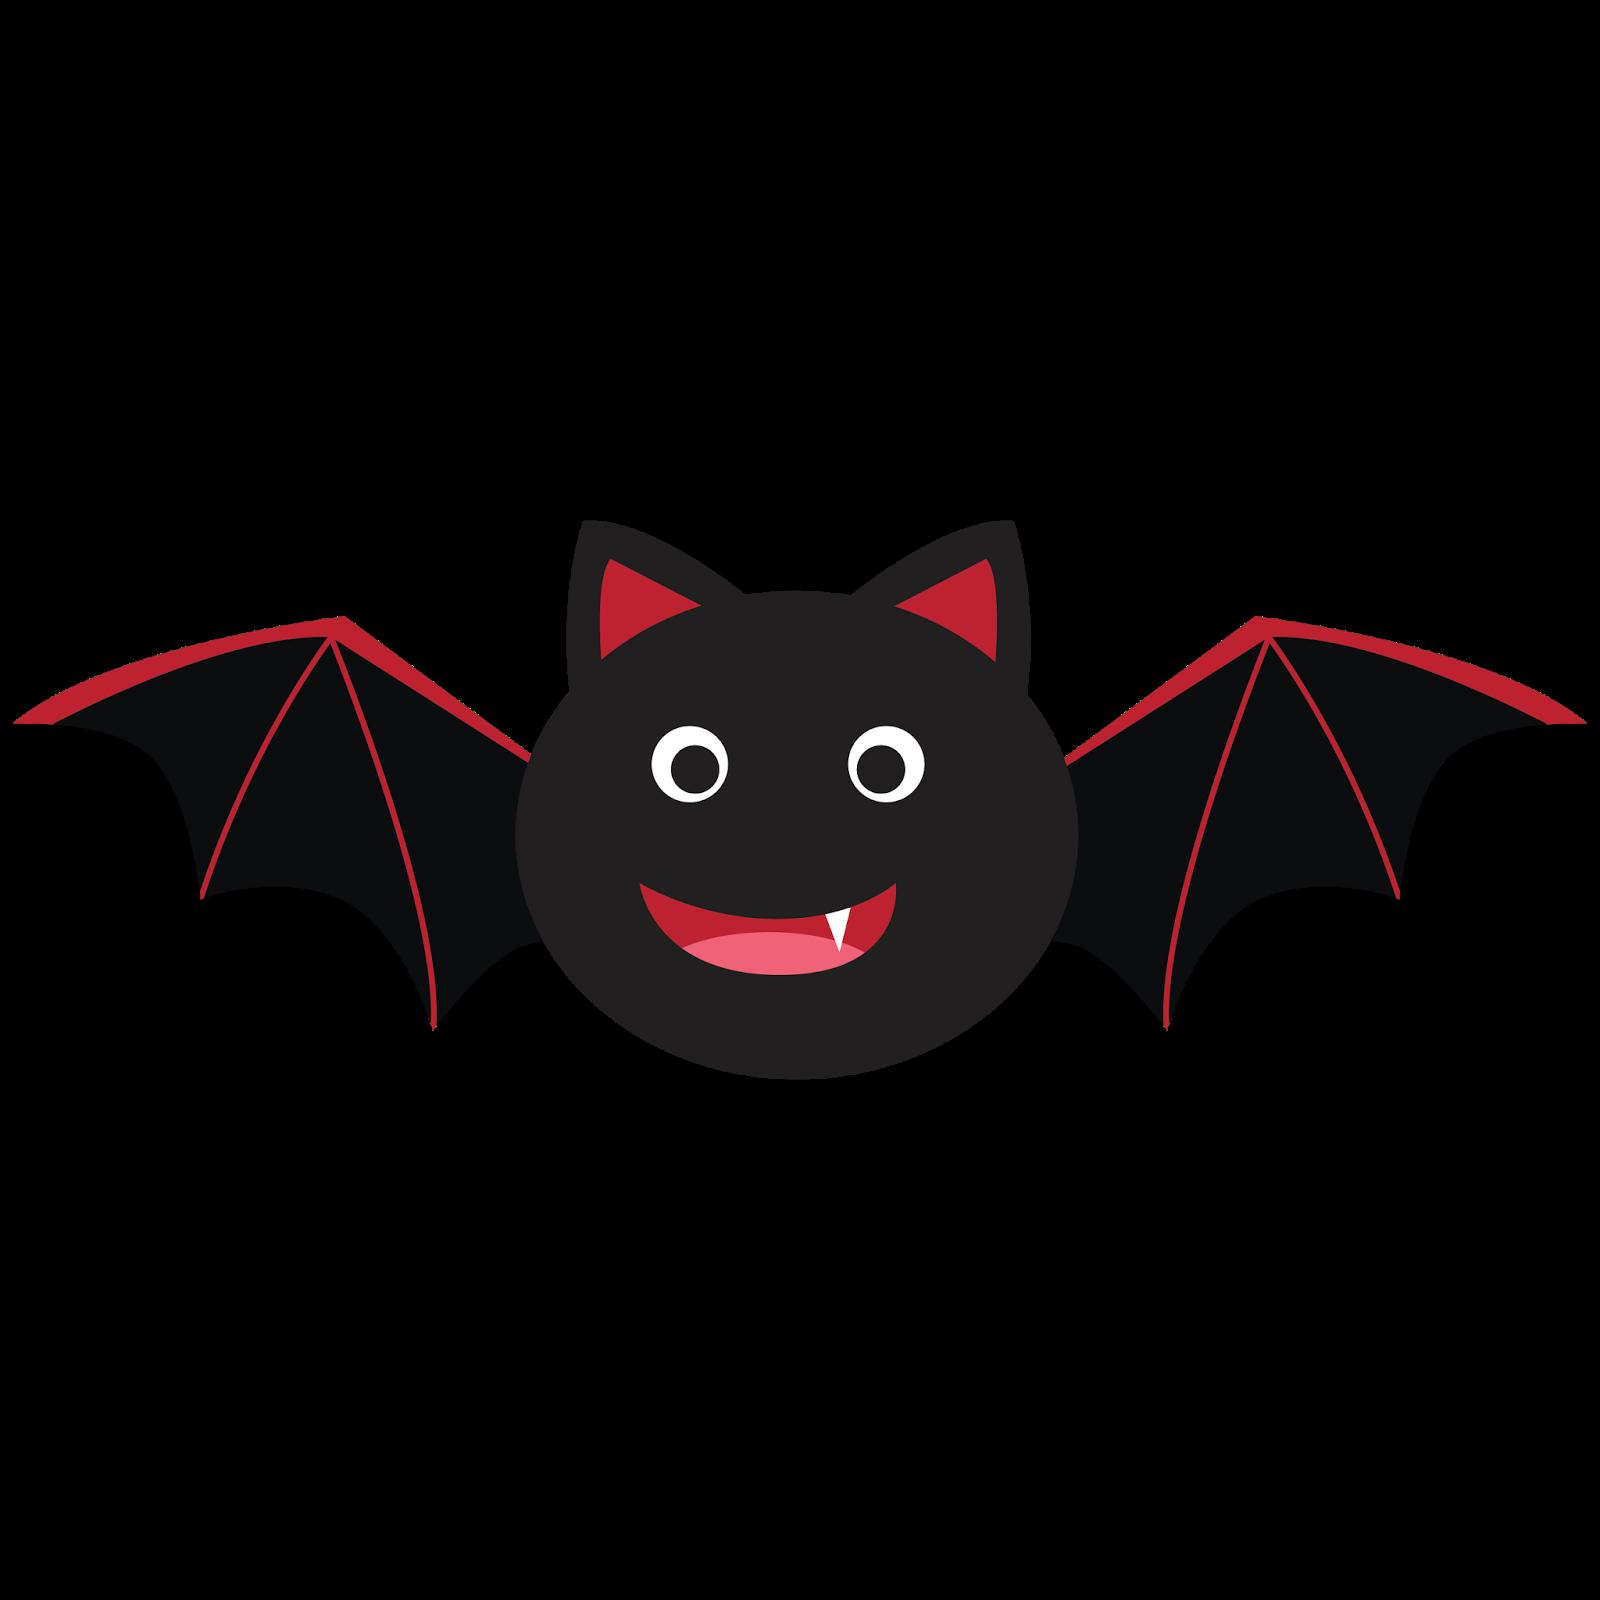 1600x1600 Fangs Clipart Cute Halloween Bat